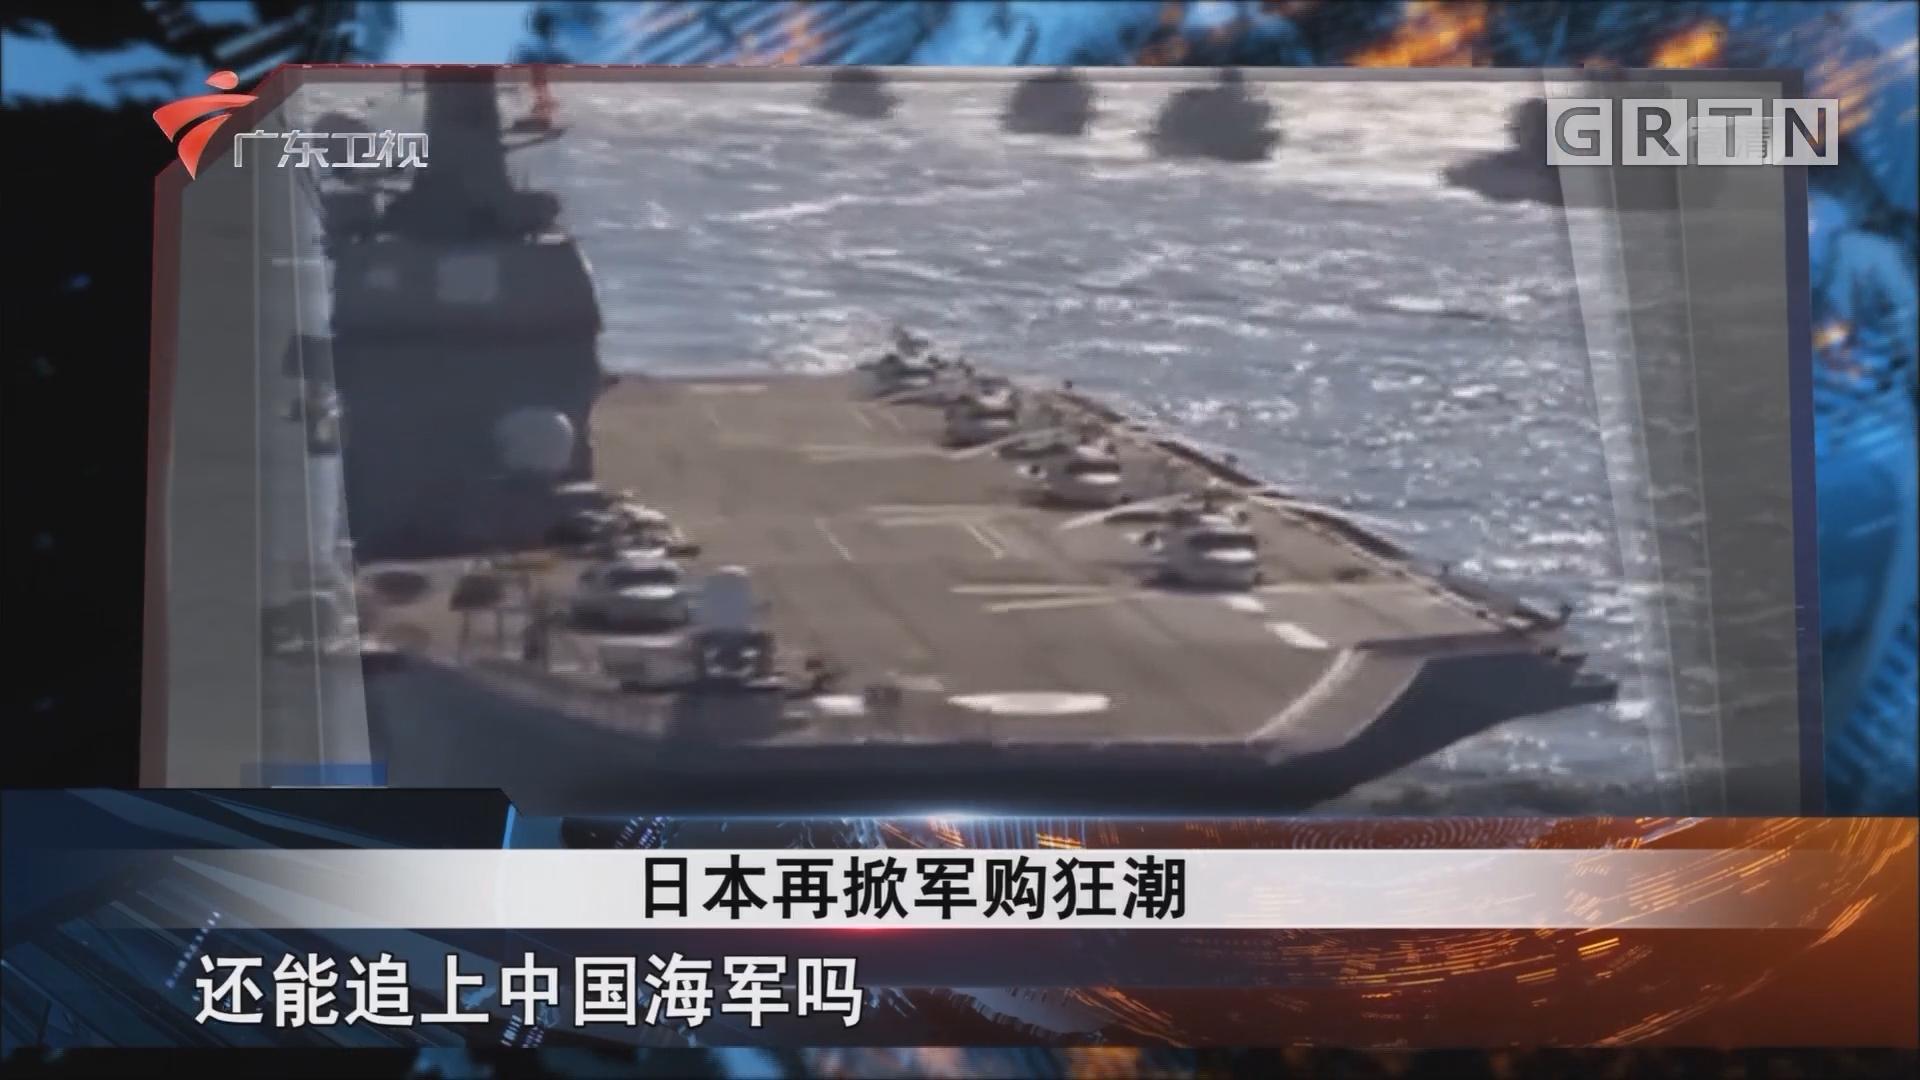 [HD][2018-01-14]全球零距离:日本再掀军购狂潮